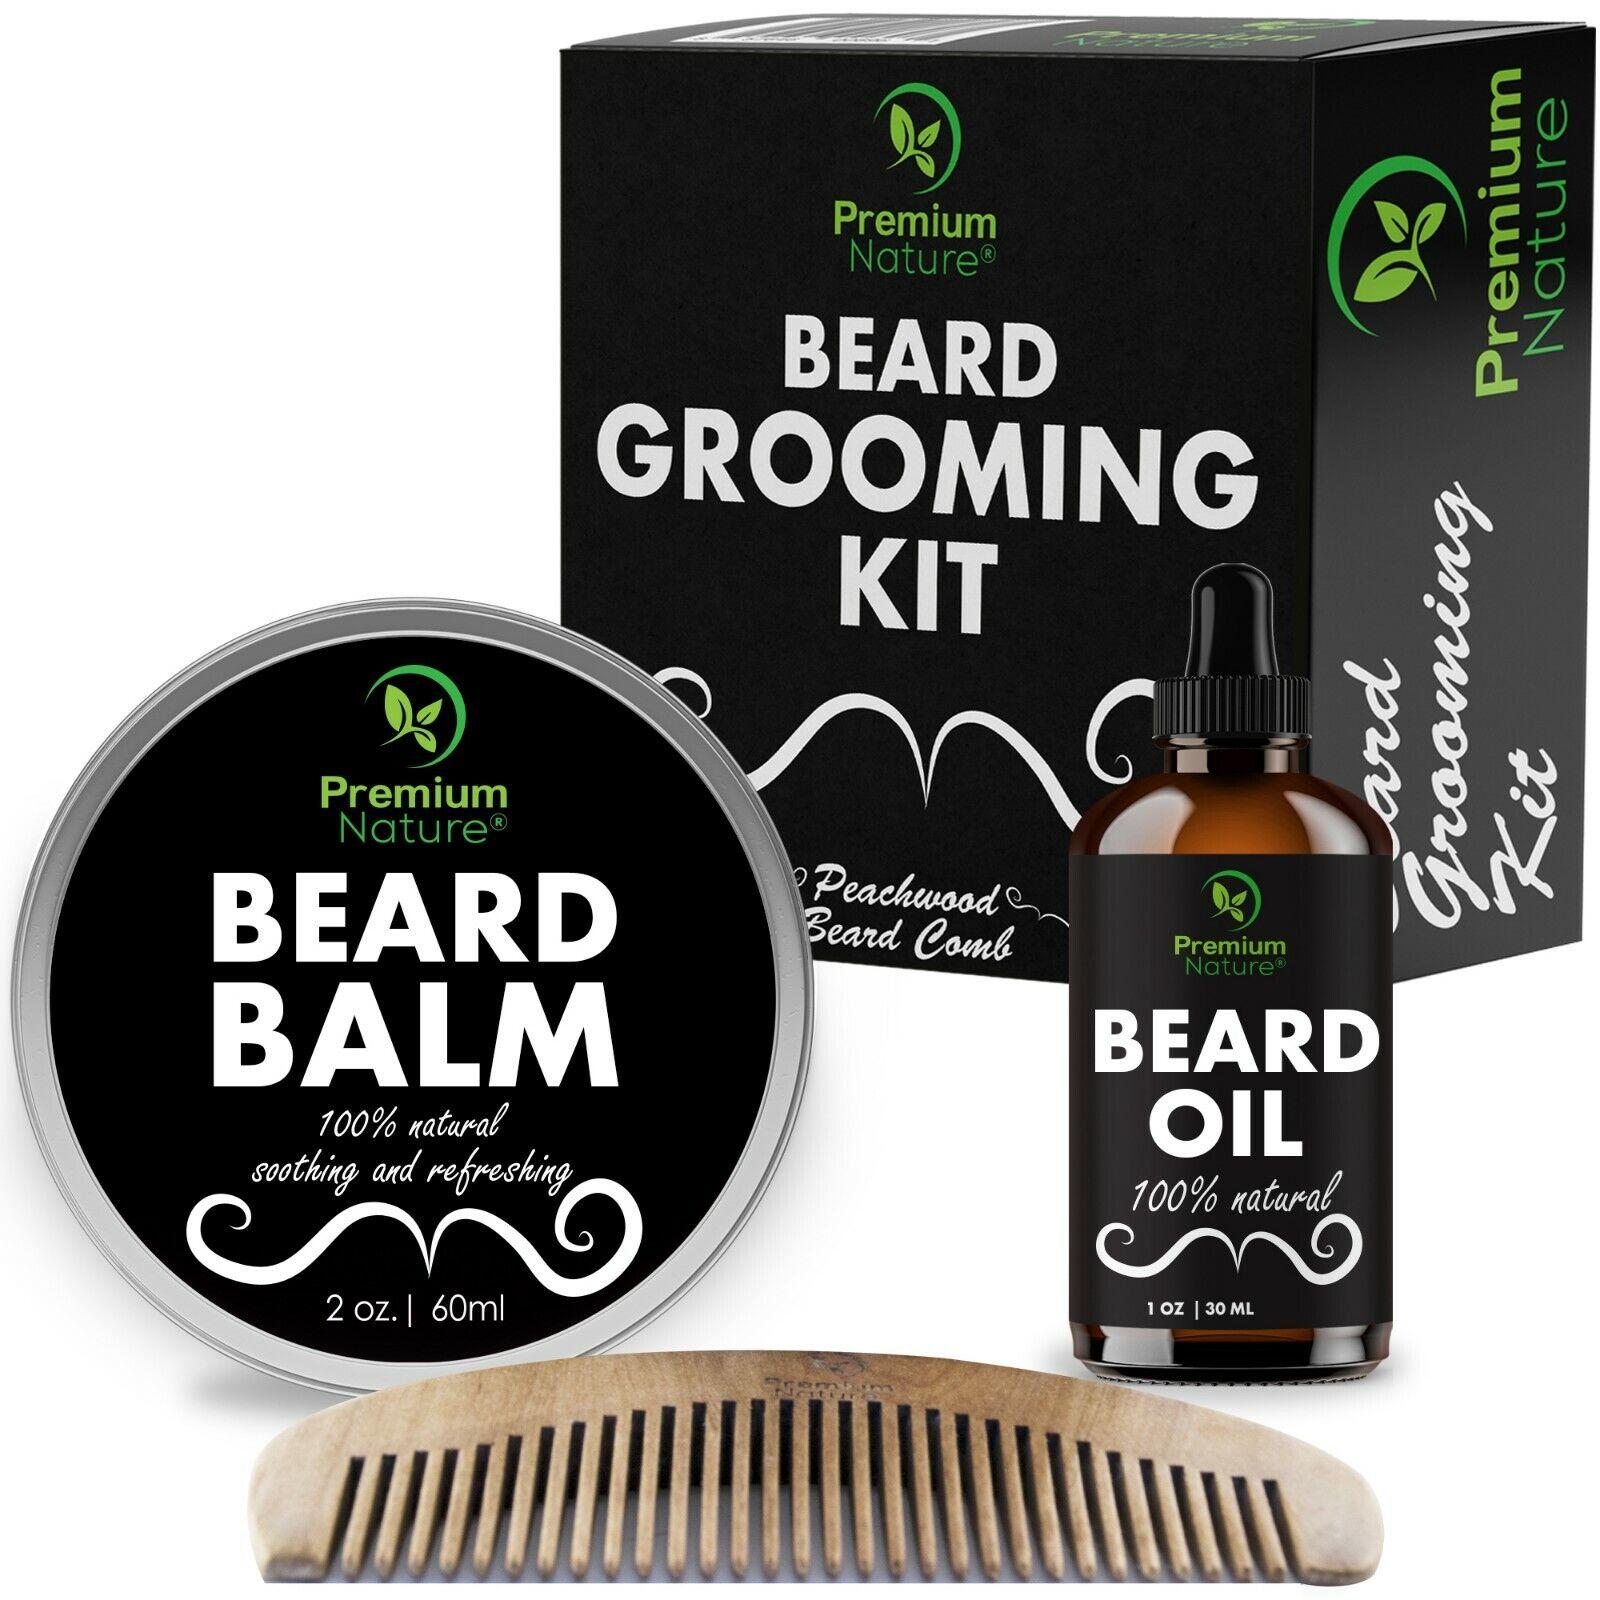 Beard Care Kit For Men Perfect Gift For Christmas For Husban